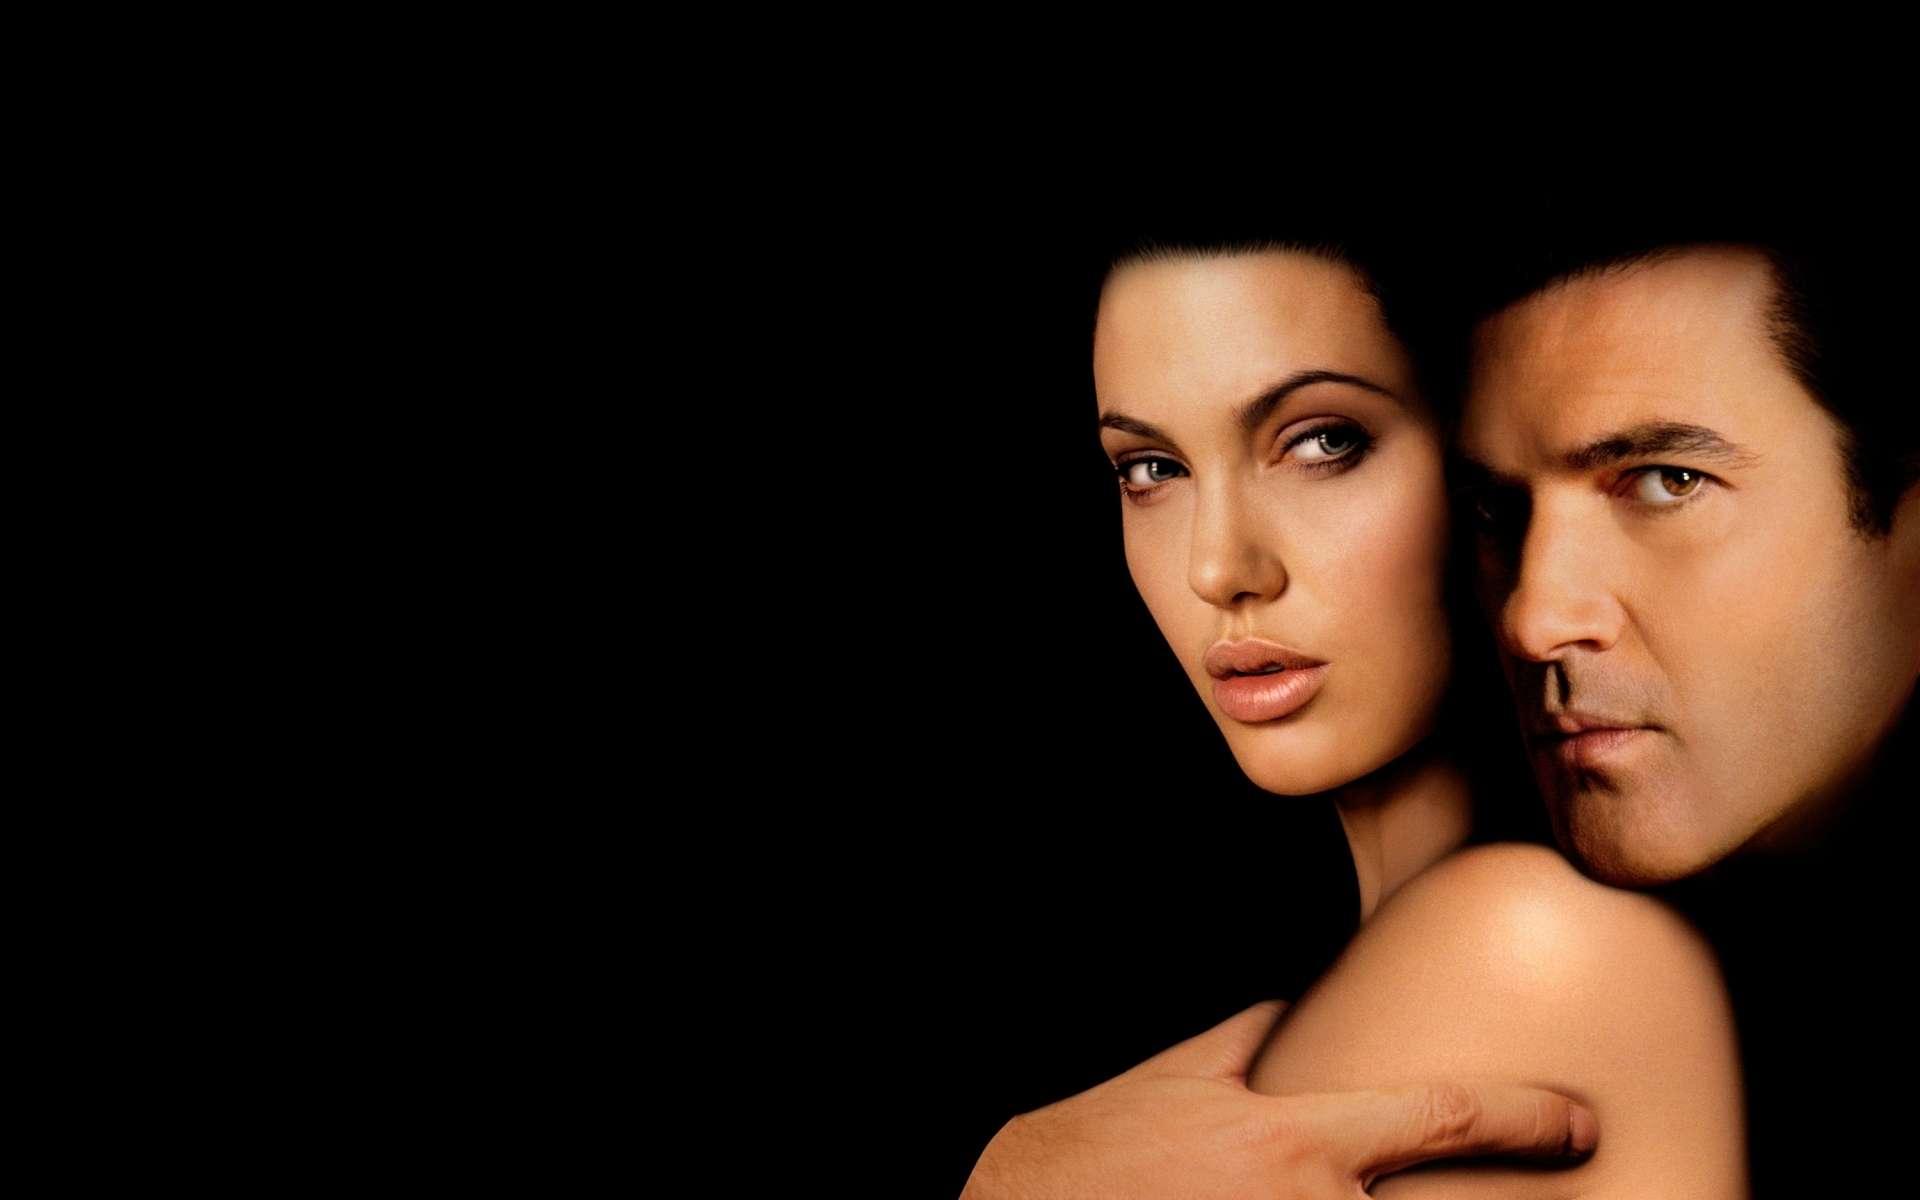 Мужчина и женщина картинки обои на рабочий стол